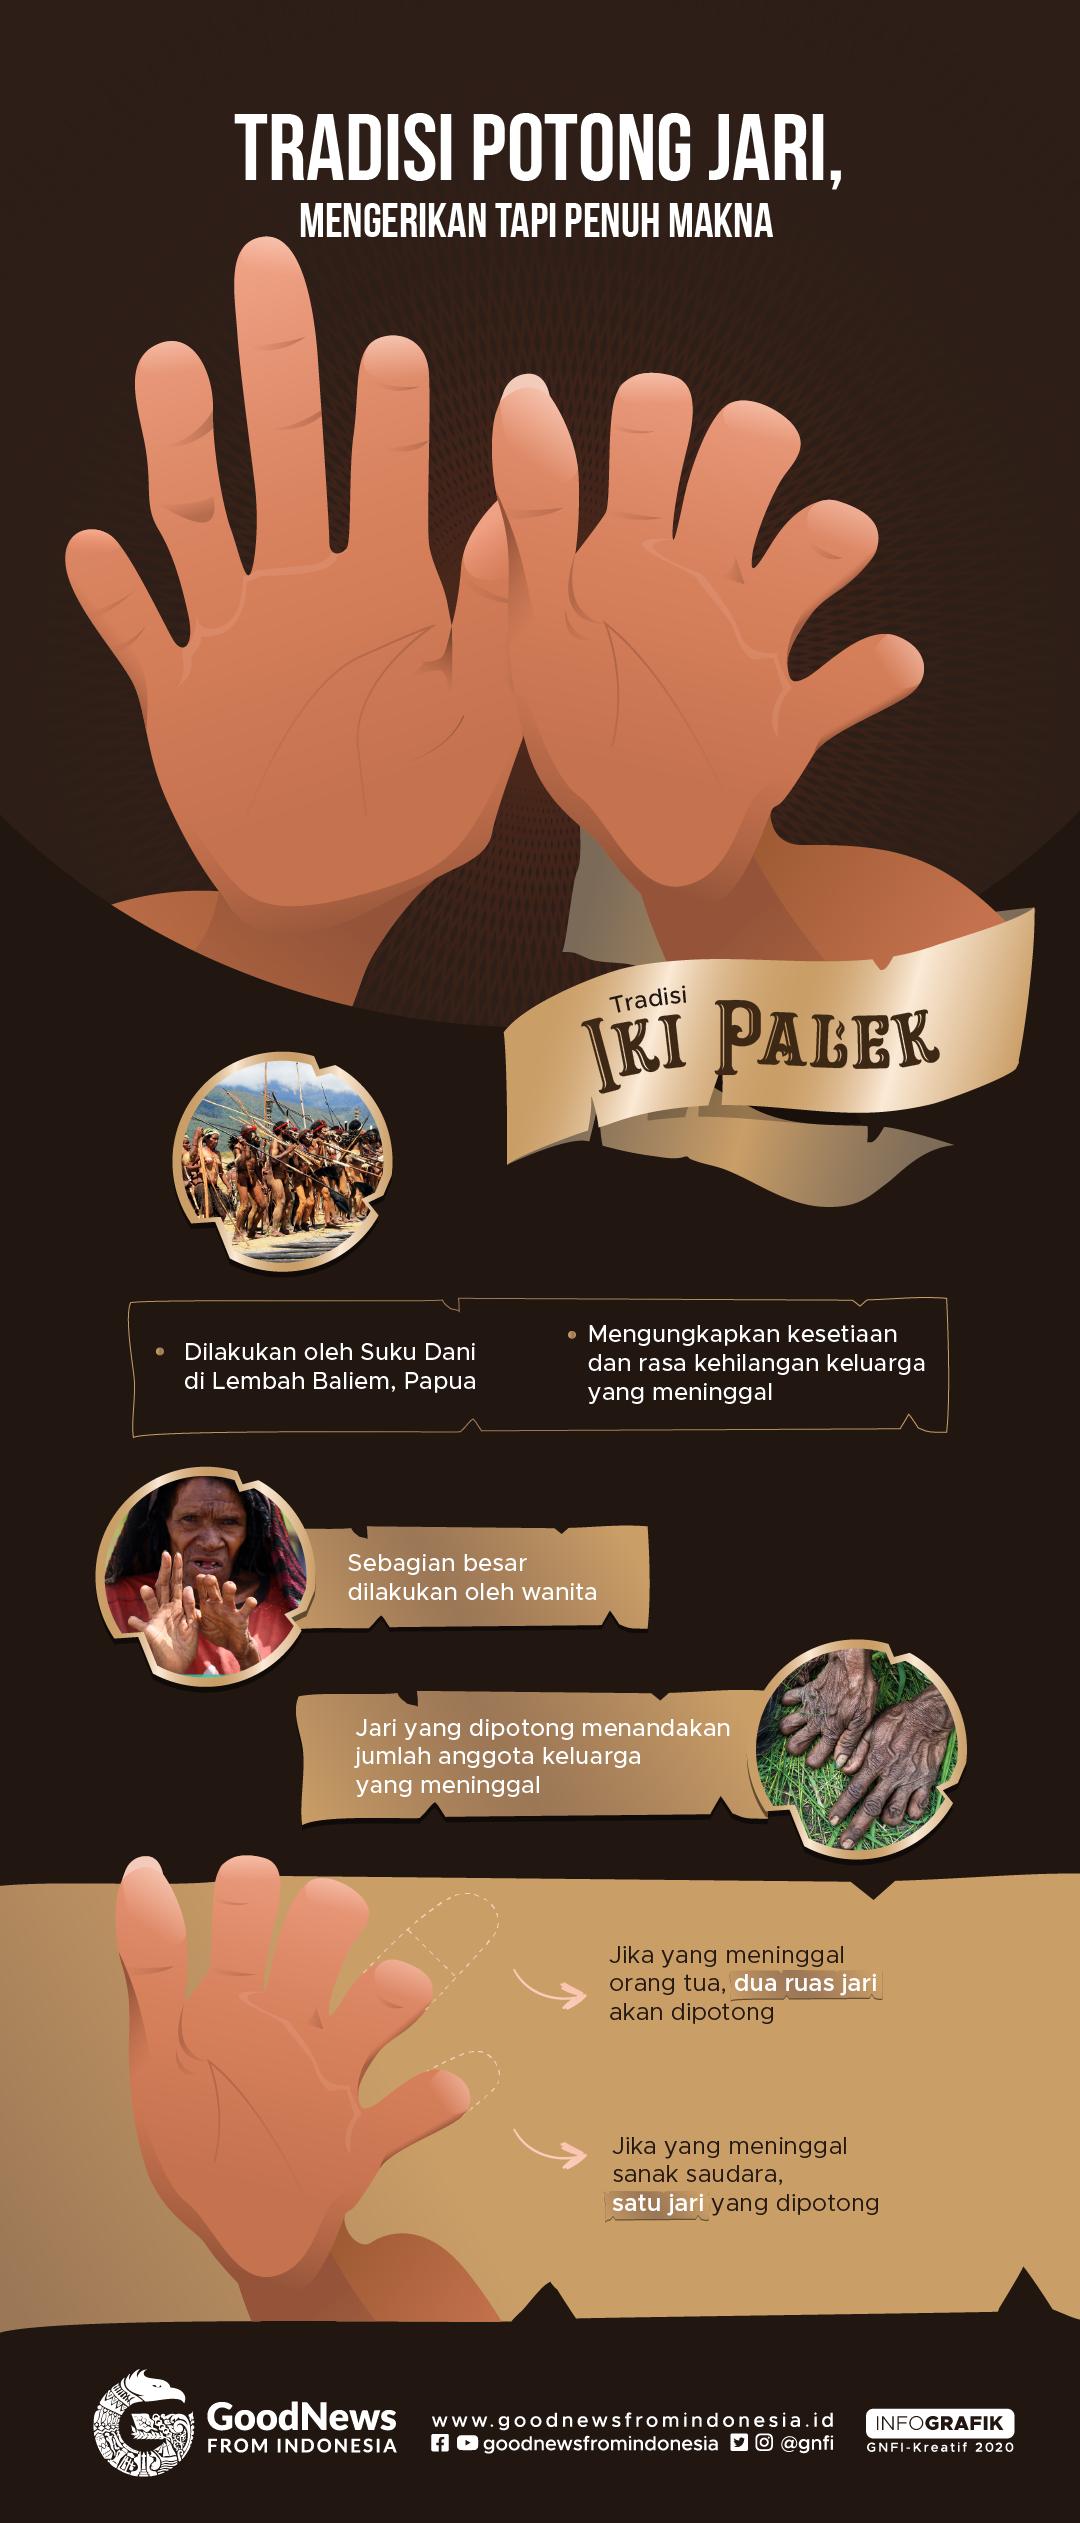 Iki Palek, Tradisi Potong Jari Suku Dani